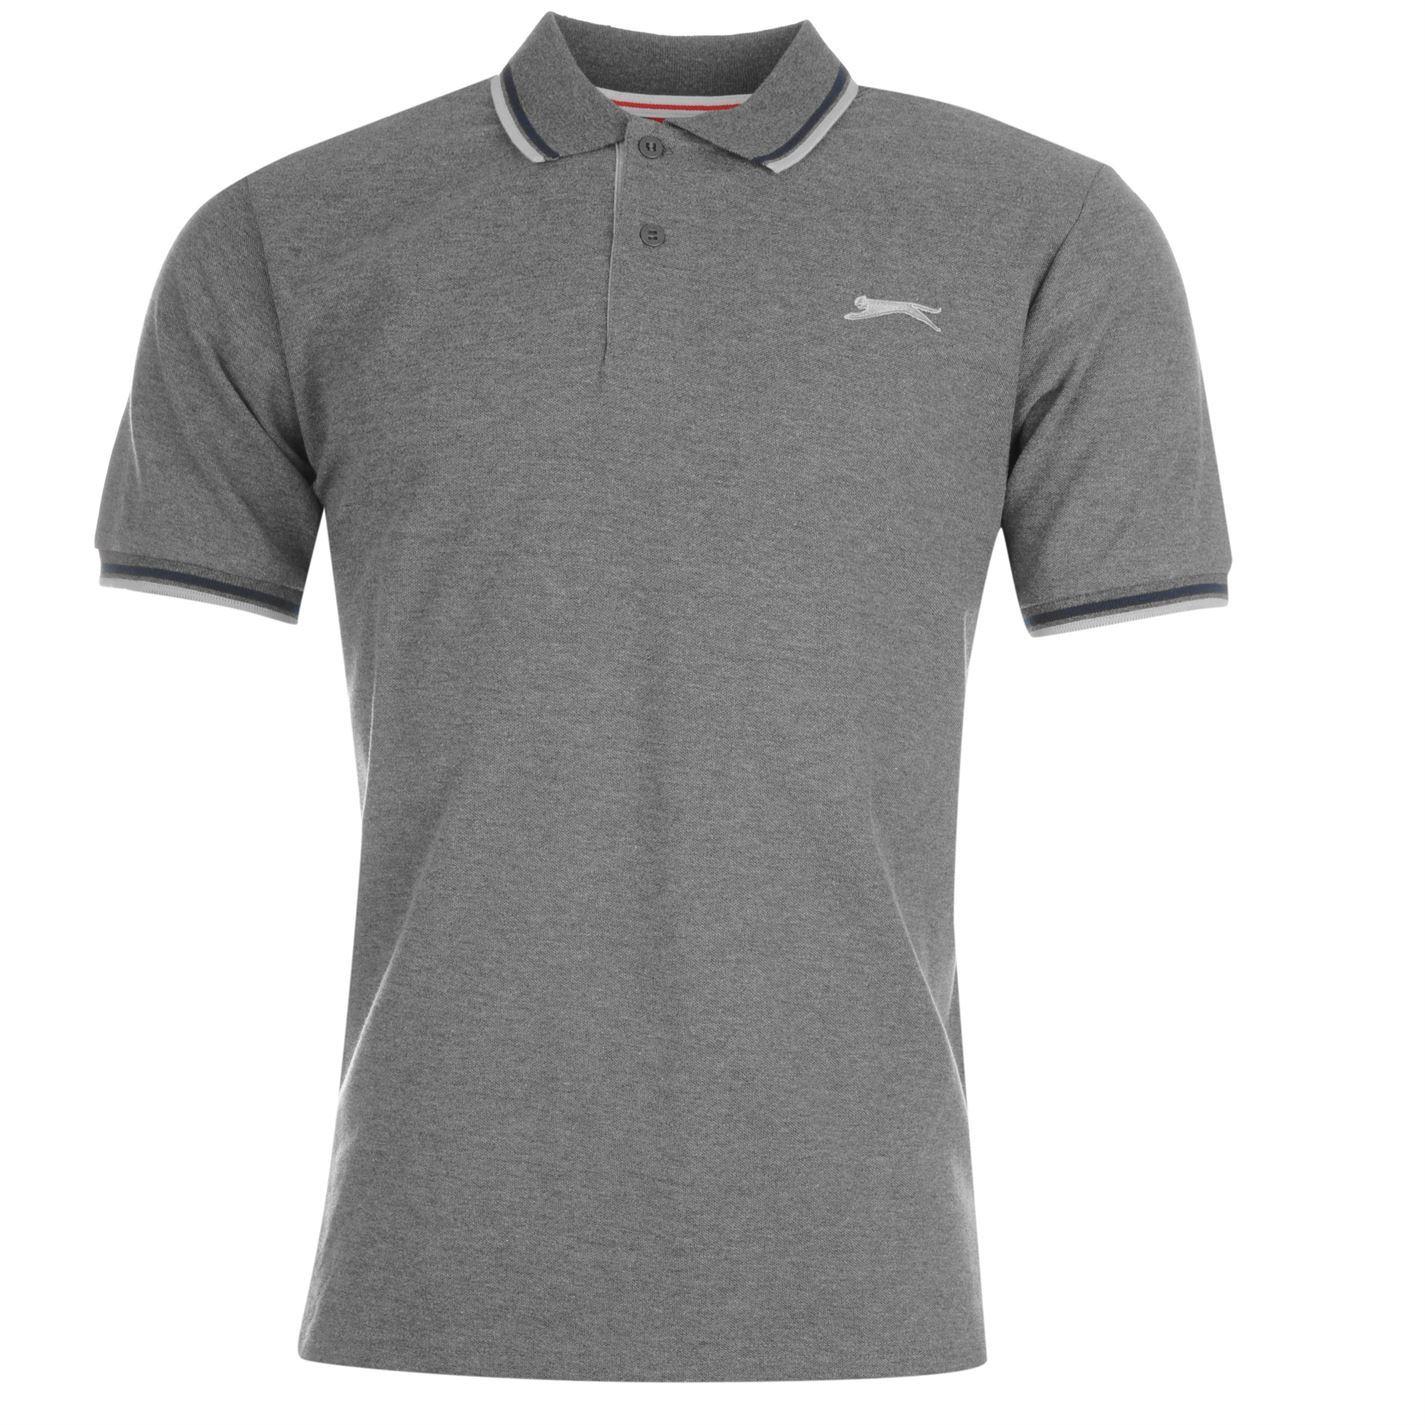 Slazenger-Polo-Camisa-de-hombre-con-cuello-con-Punta-T-Shirt-Top-Camiseta-Tee miniatura 28